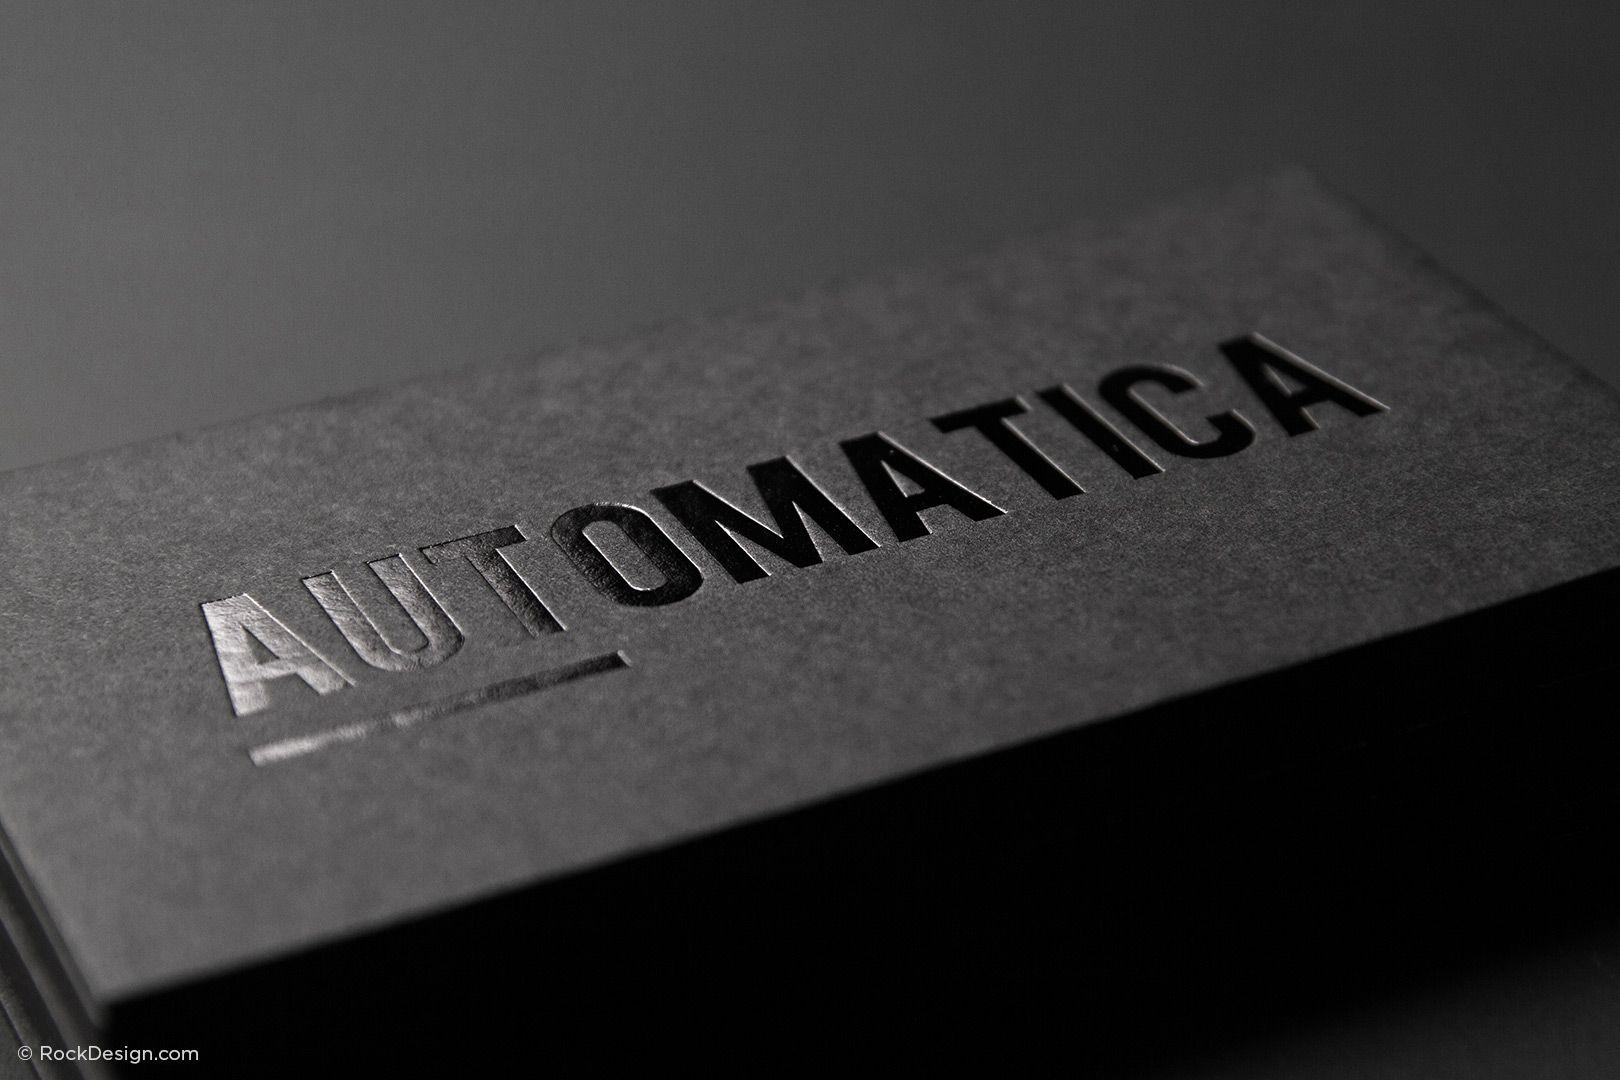 Business Card Design Spot Gloss Emboss Black Business Card Premium Business Cards Embossed Business Cards